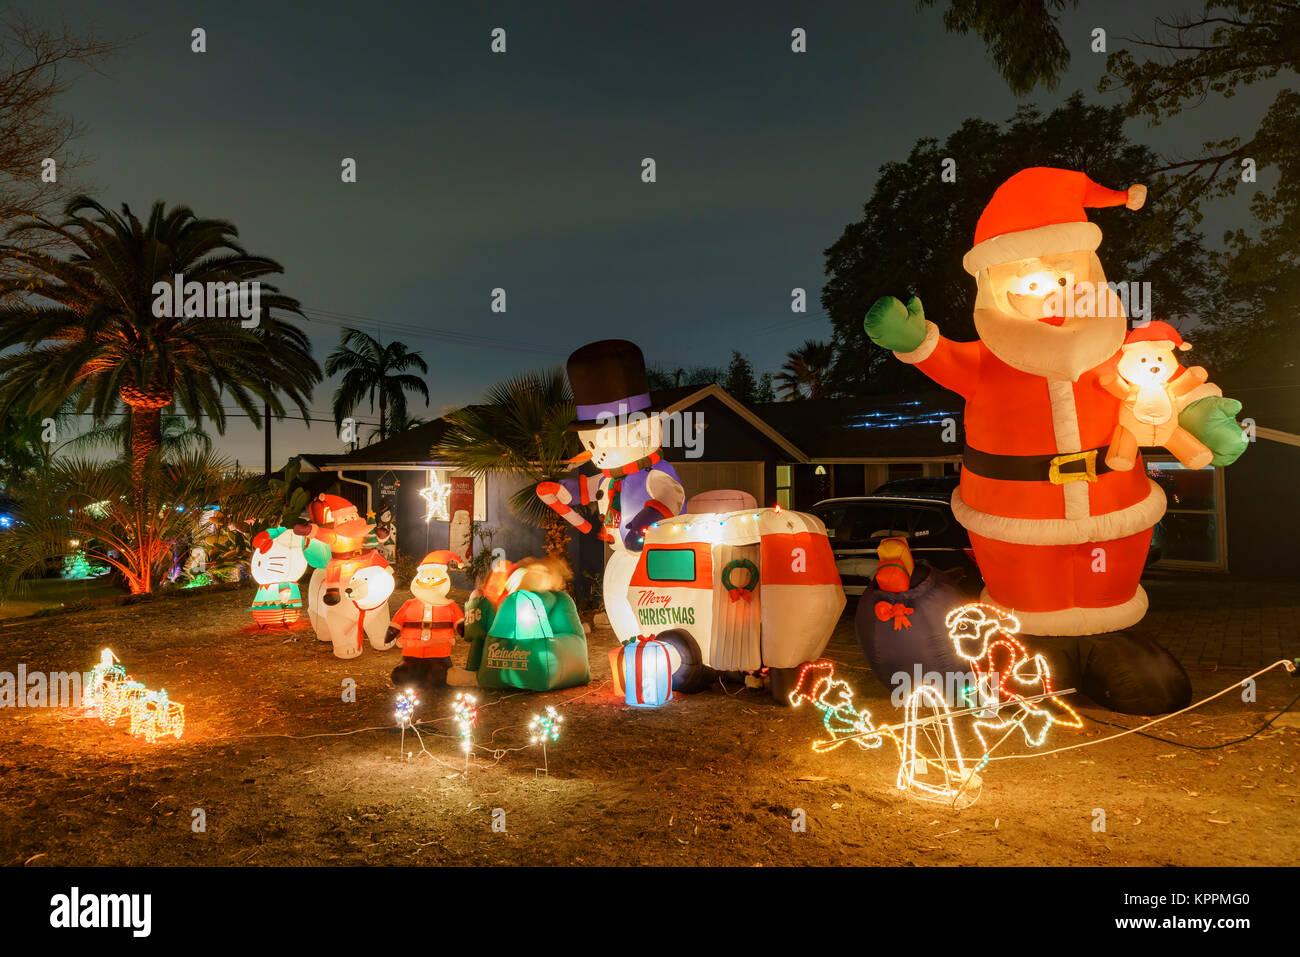 los angeles dec 15 beautiful christmas lights in upper hastings ranch neighborhood on dec